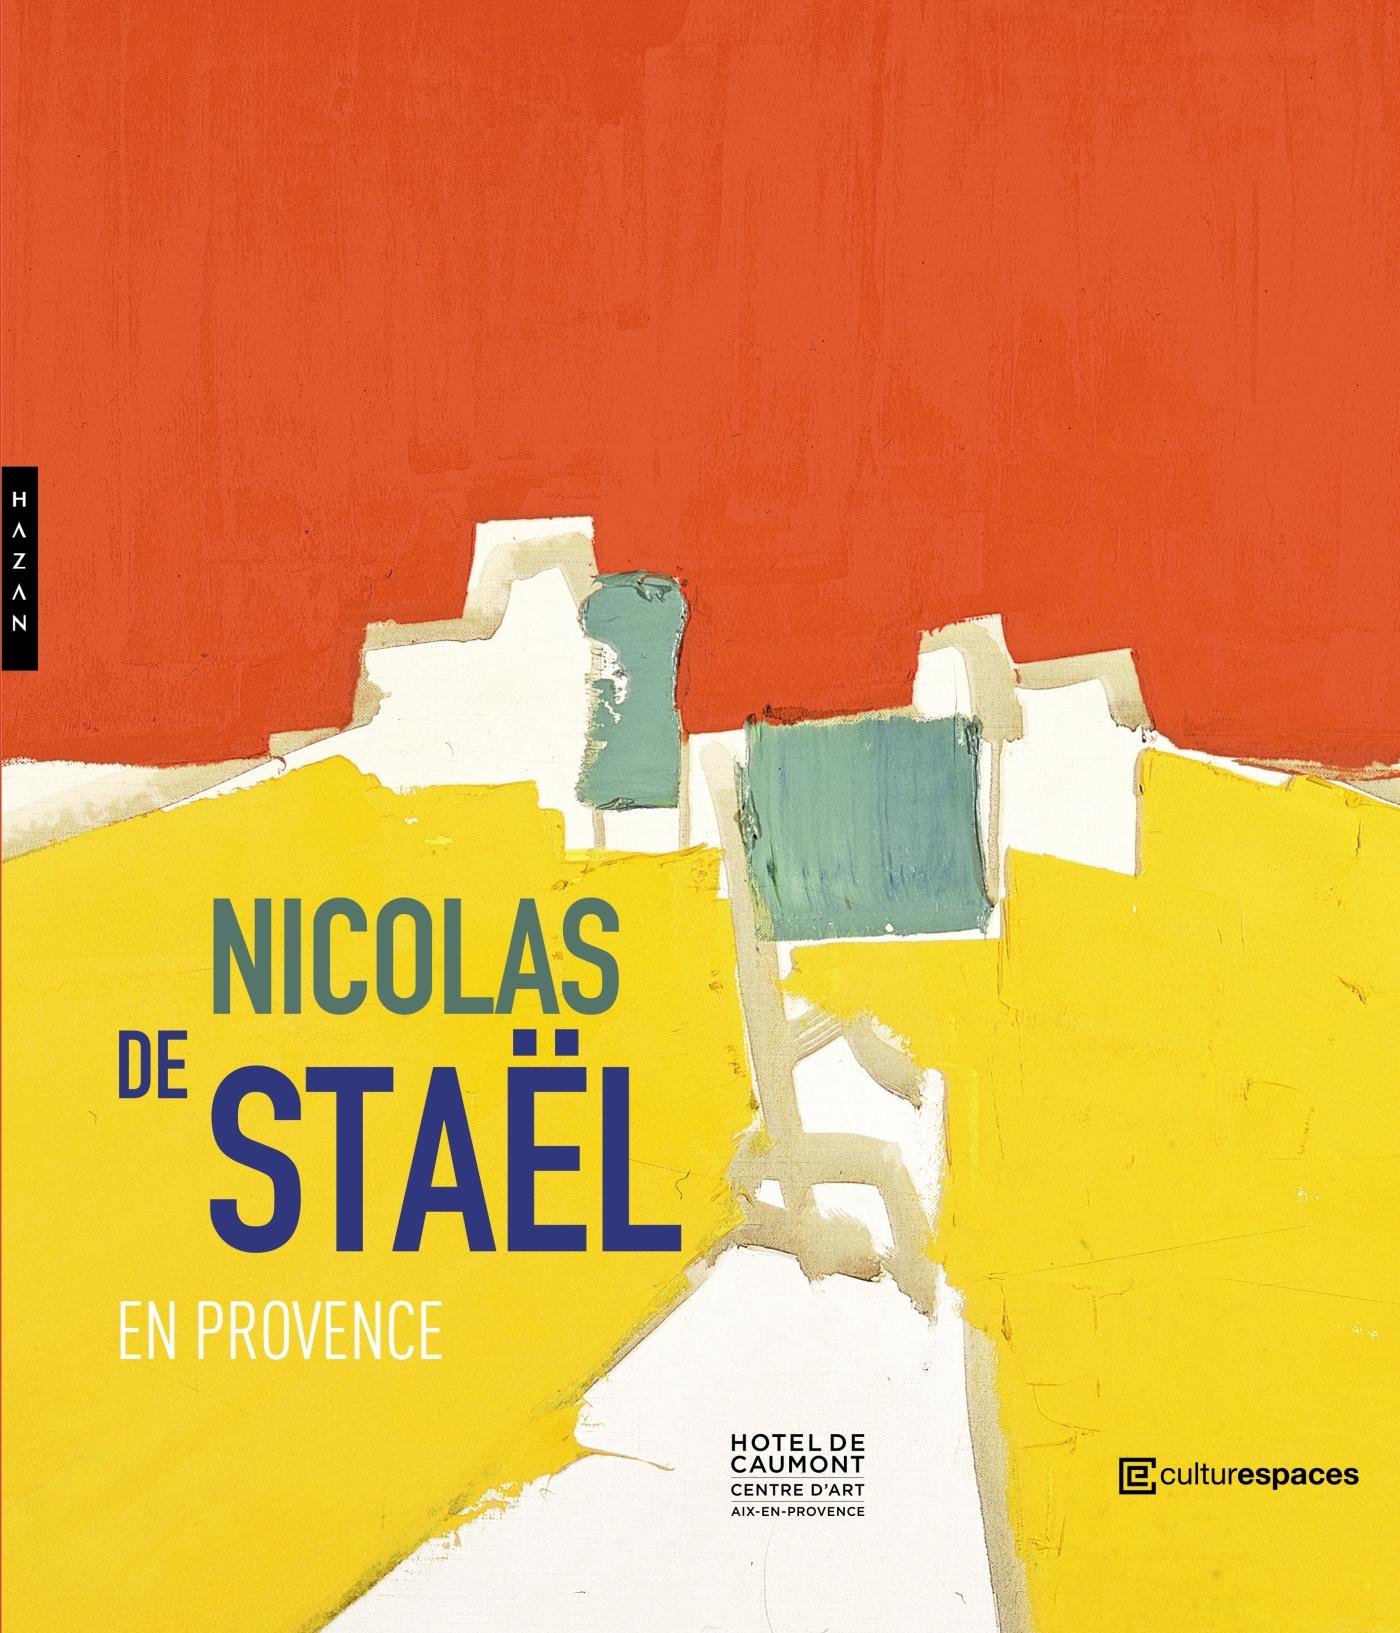 NICOLAS DE STAEL EN PROVENCE